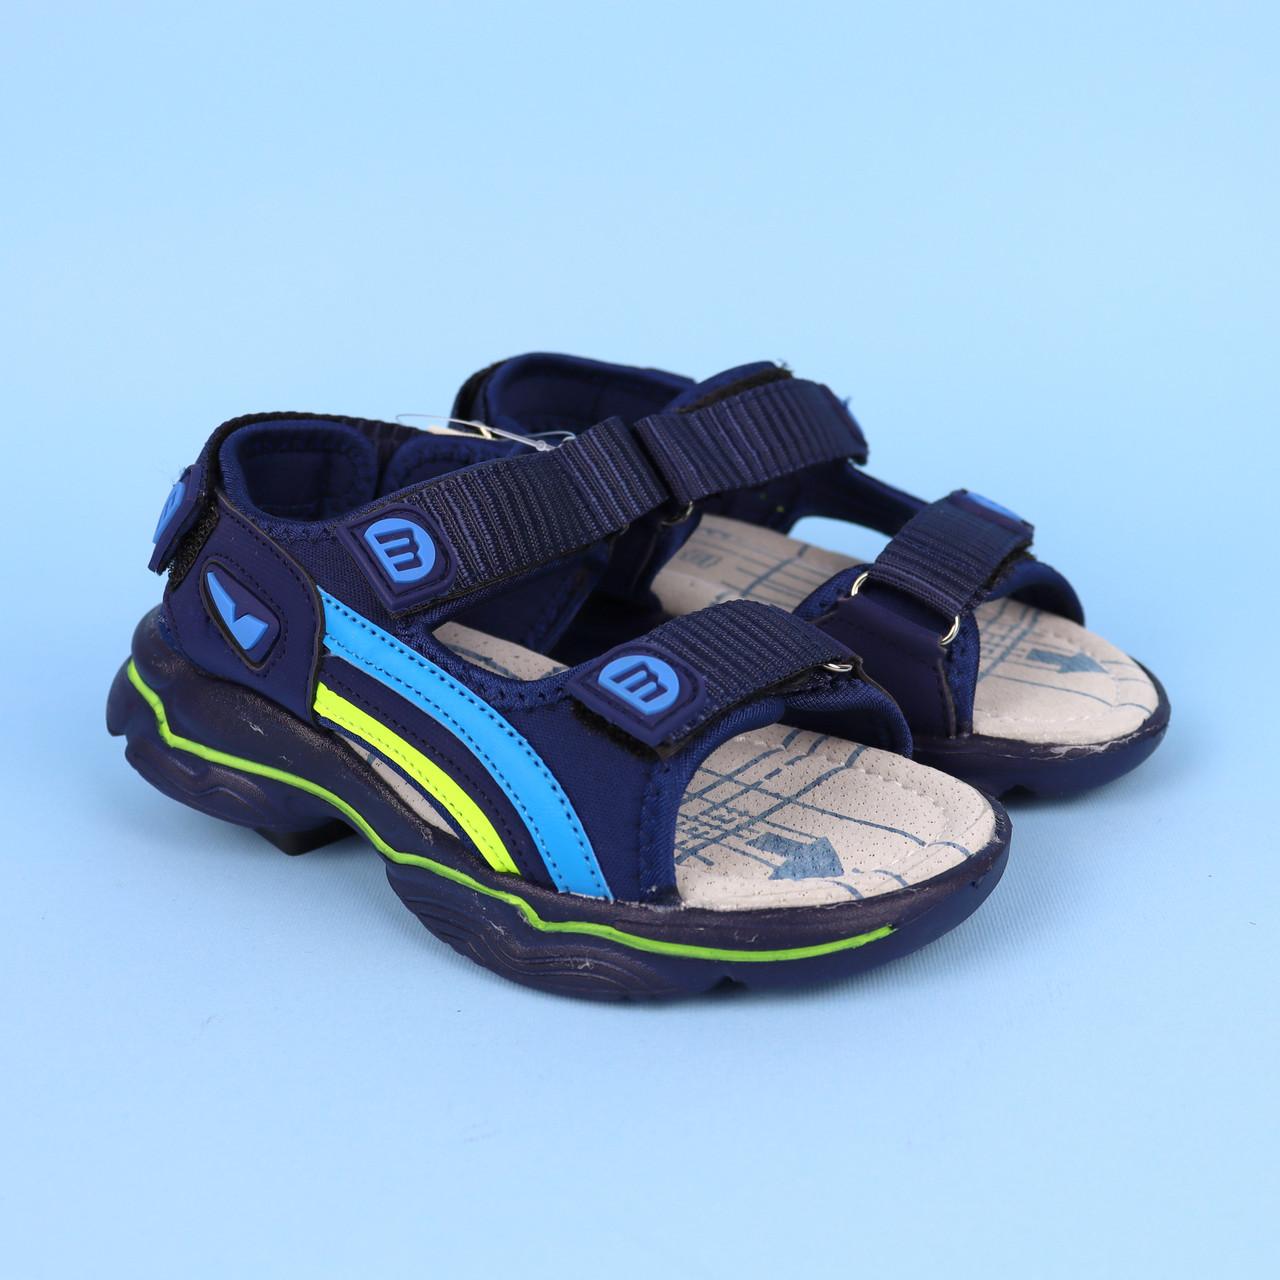 Спортивные синие босоножки для мальчика с огоньками тм Том.м размер 21,22,23,24,25,26